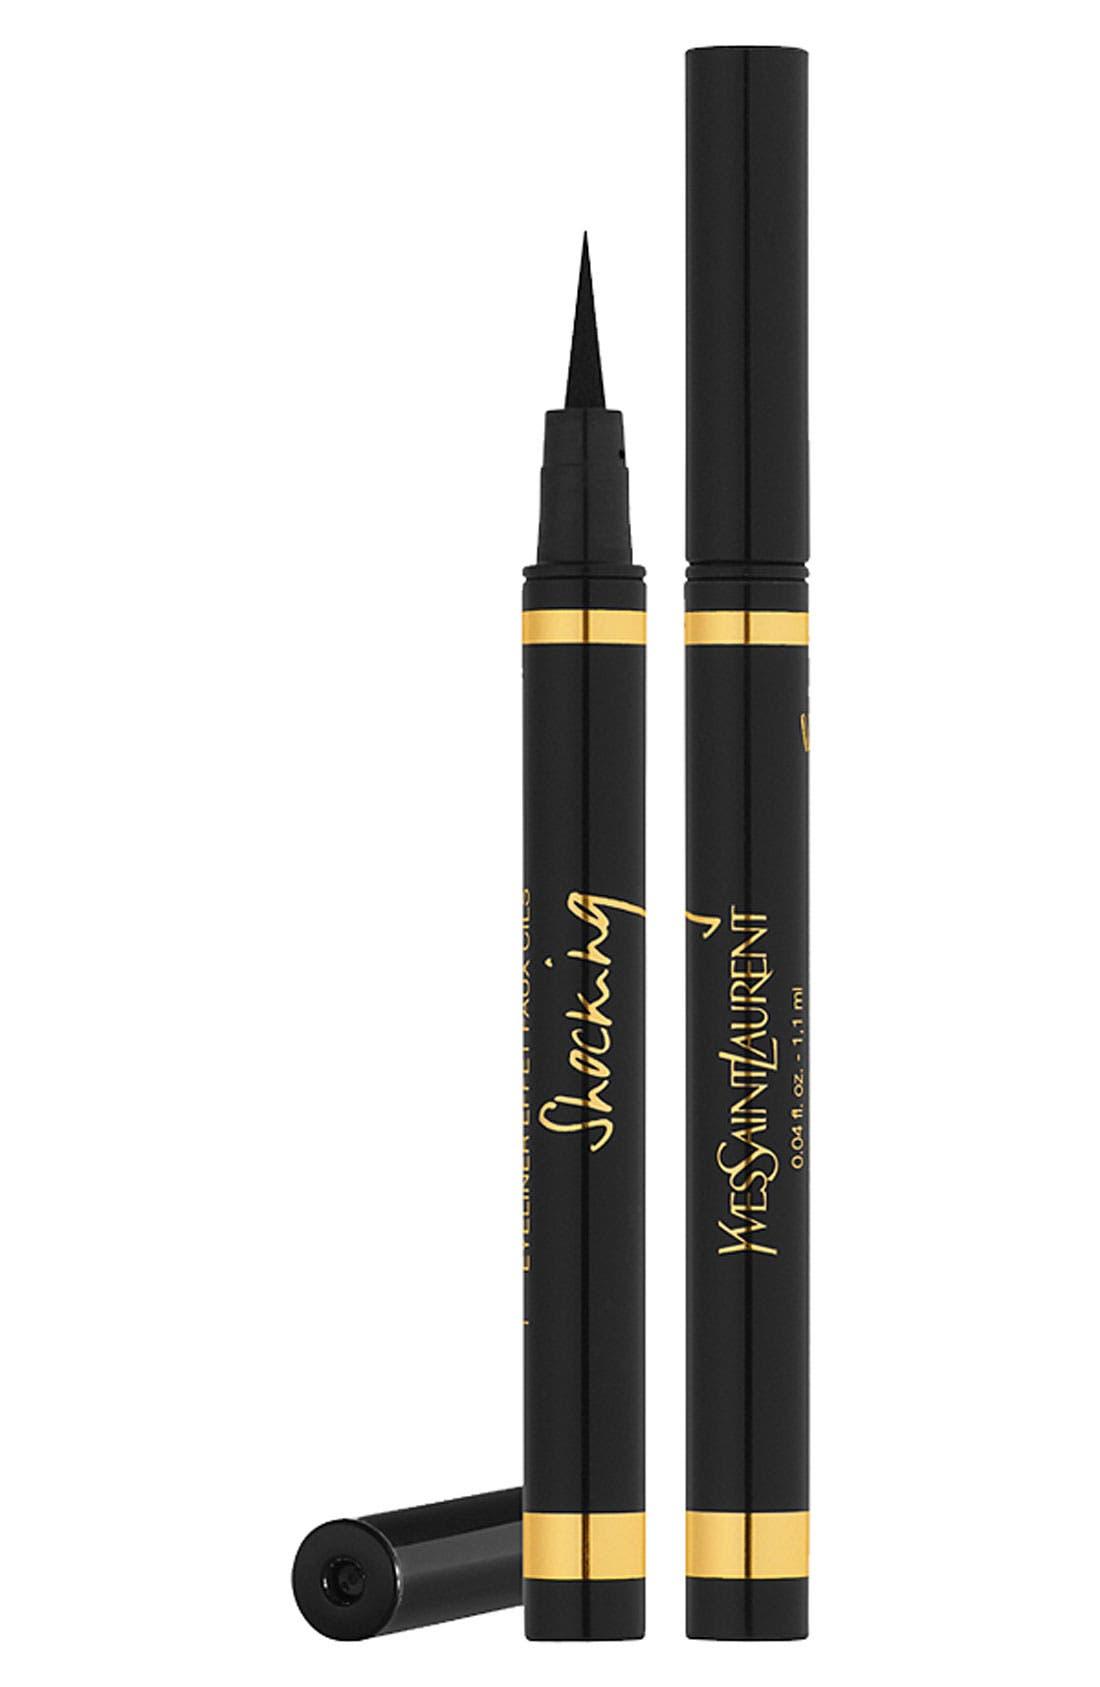 Yves Saint Laurent 'Eyeliner Effet Faux Cils' Bold Felt Tip Eyeliner Pen